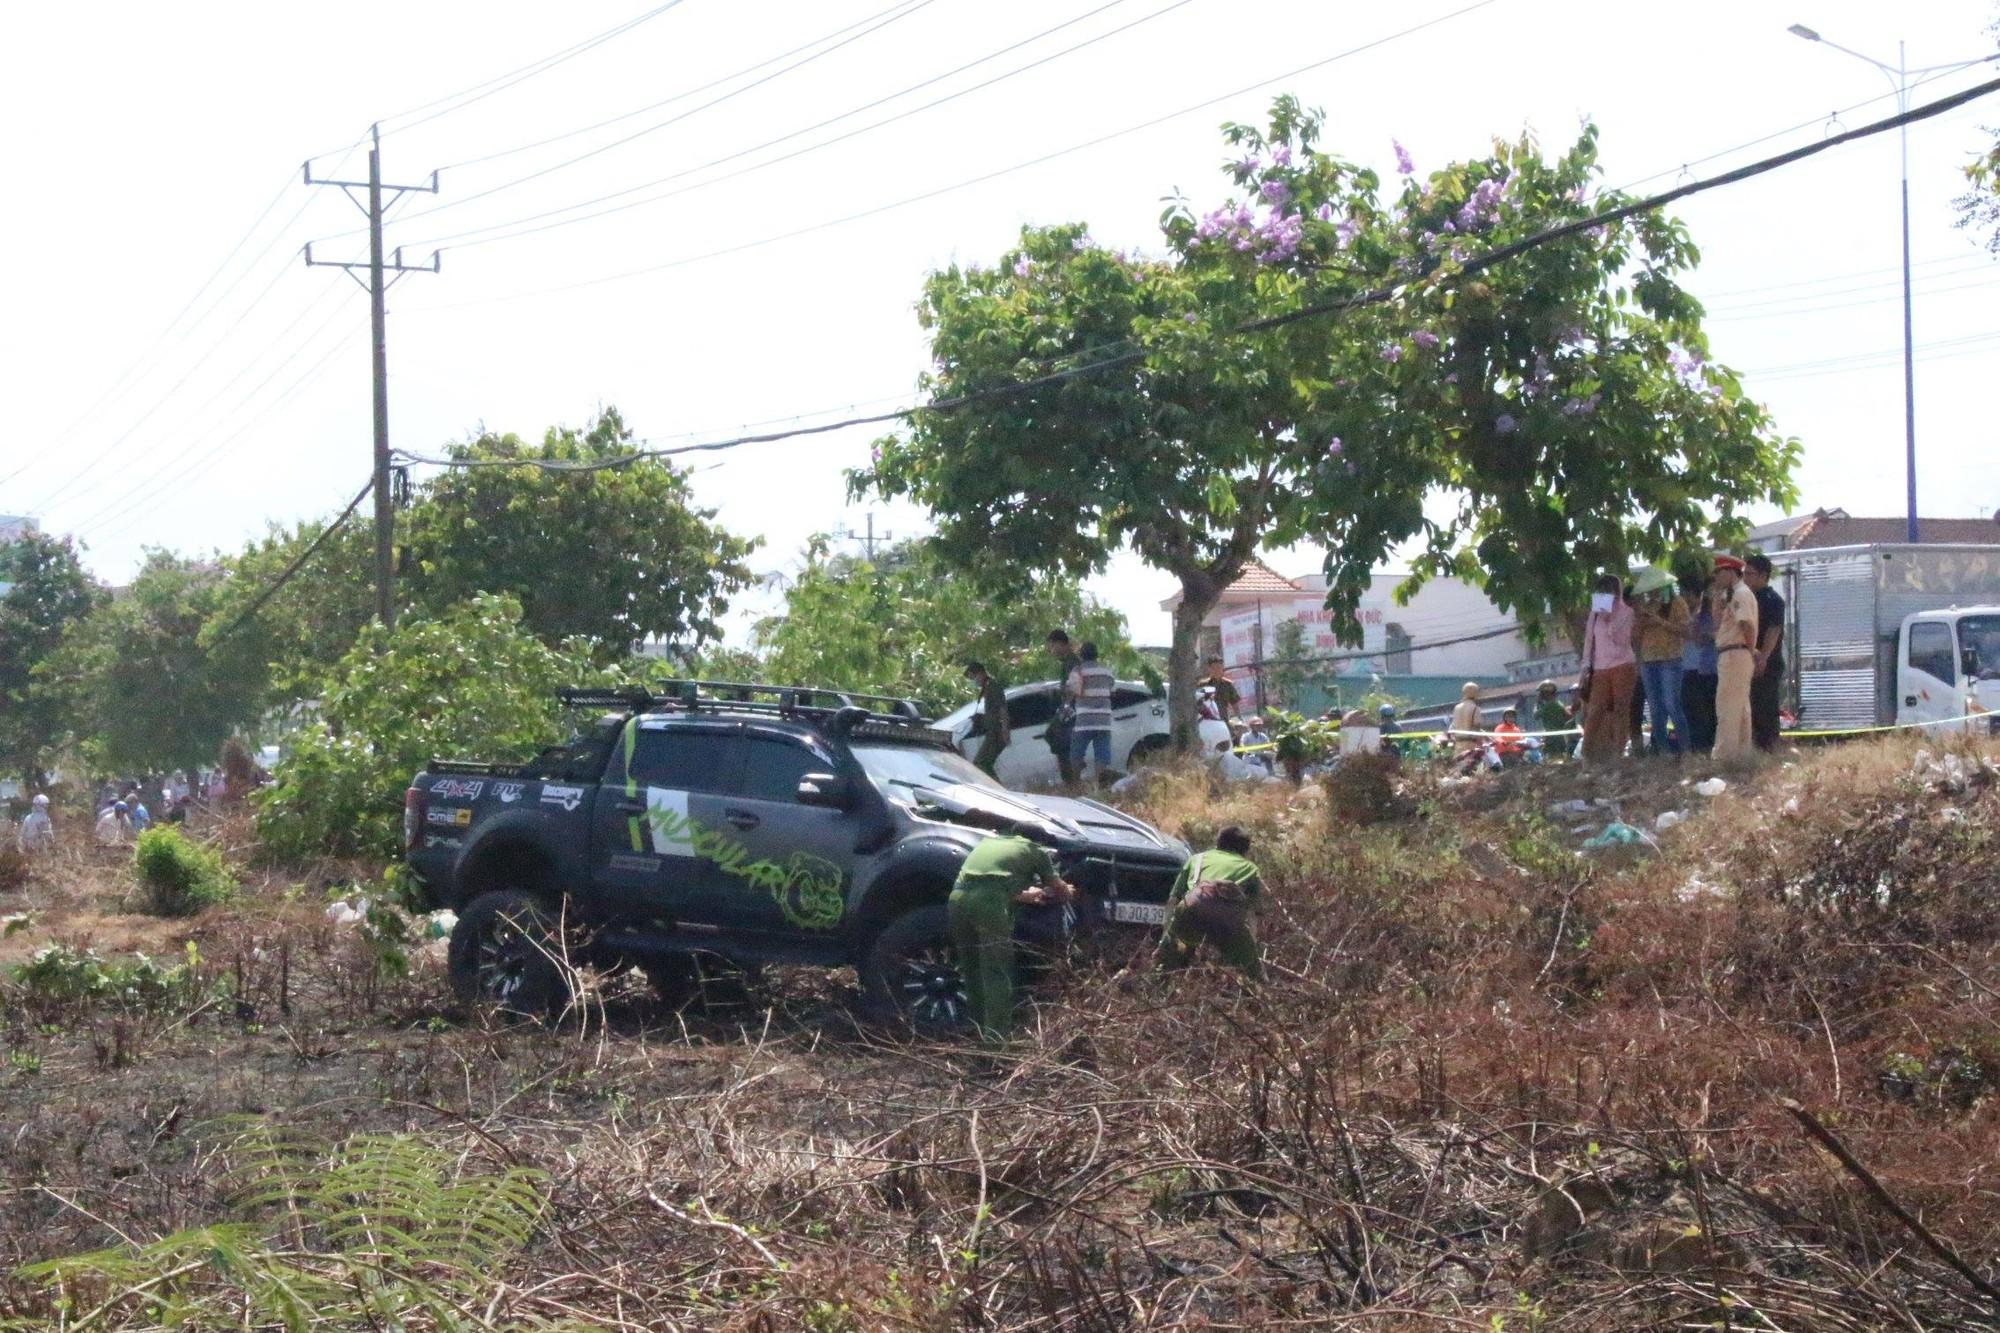 Bình Dương: Nghi vấn hai ô tô đua tốc độ gây tai nạn liên hoàn, người đàn ông bán dưa bên đường bị tông tử vong - Ảnh 2.